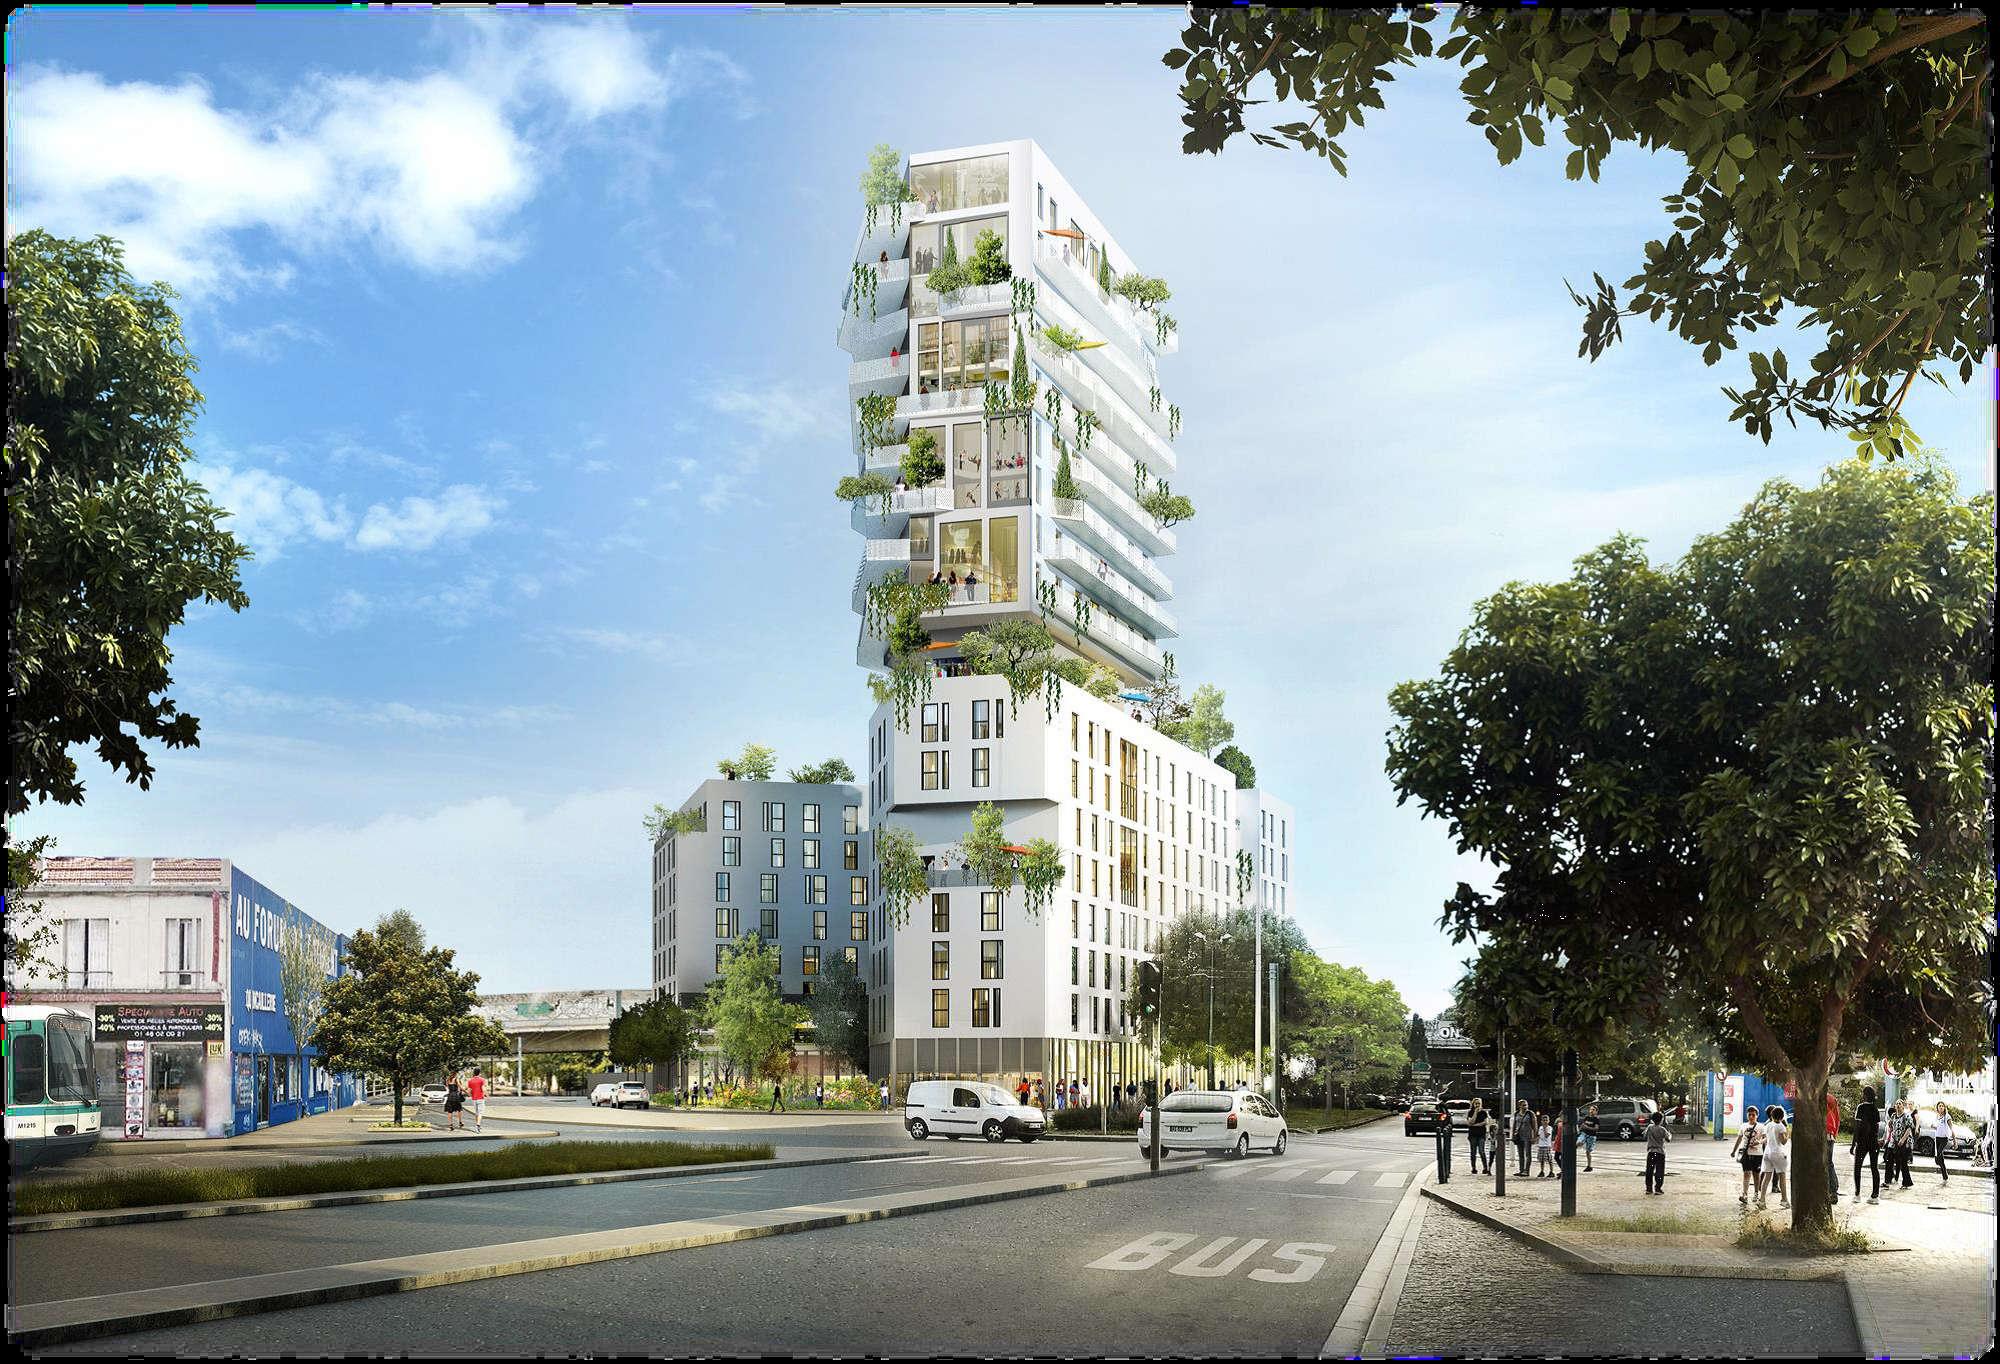 A Noisy-le-Sec, à proximité de la future gare du Pont-de-Bondy (ligne 15 Est), le projet, proposé par Linkcity Île-de-France, accompagné des architectes de l'Agence Castro Denissof & Associés et Land'Act, propose la construction d'un bâtiment multi-usages de 7 étages, avec la possibilité d'être surélevé de 10 niveaux.